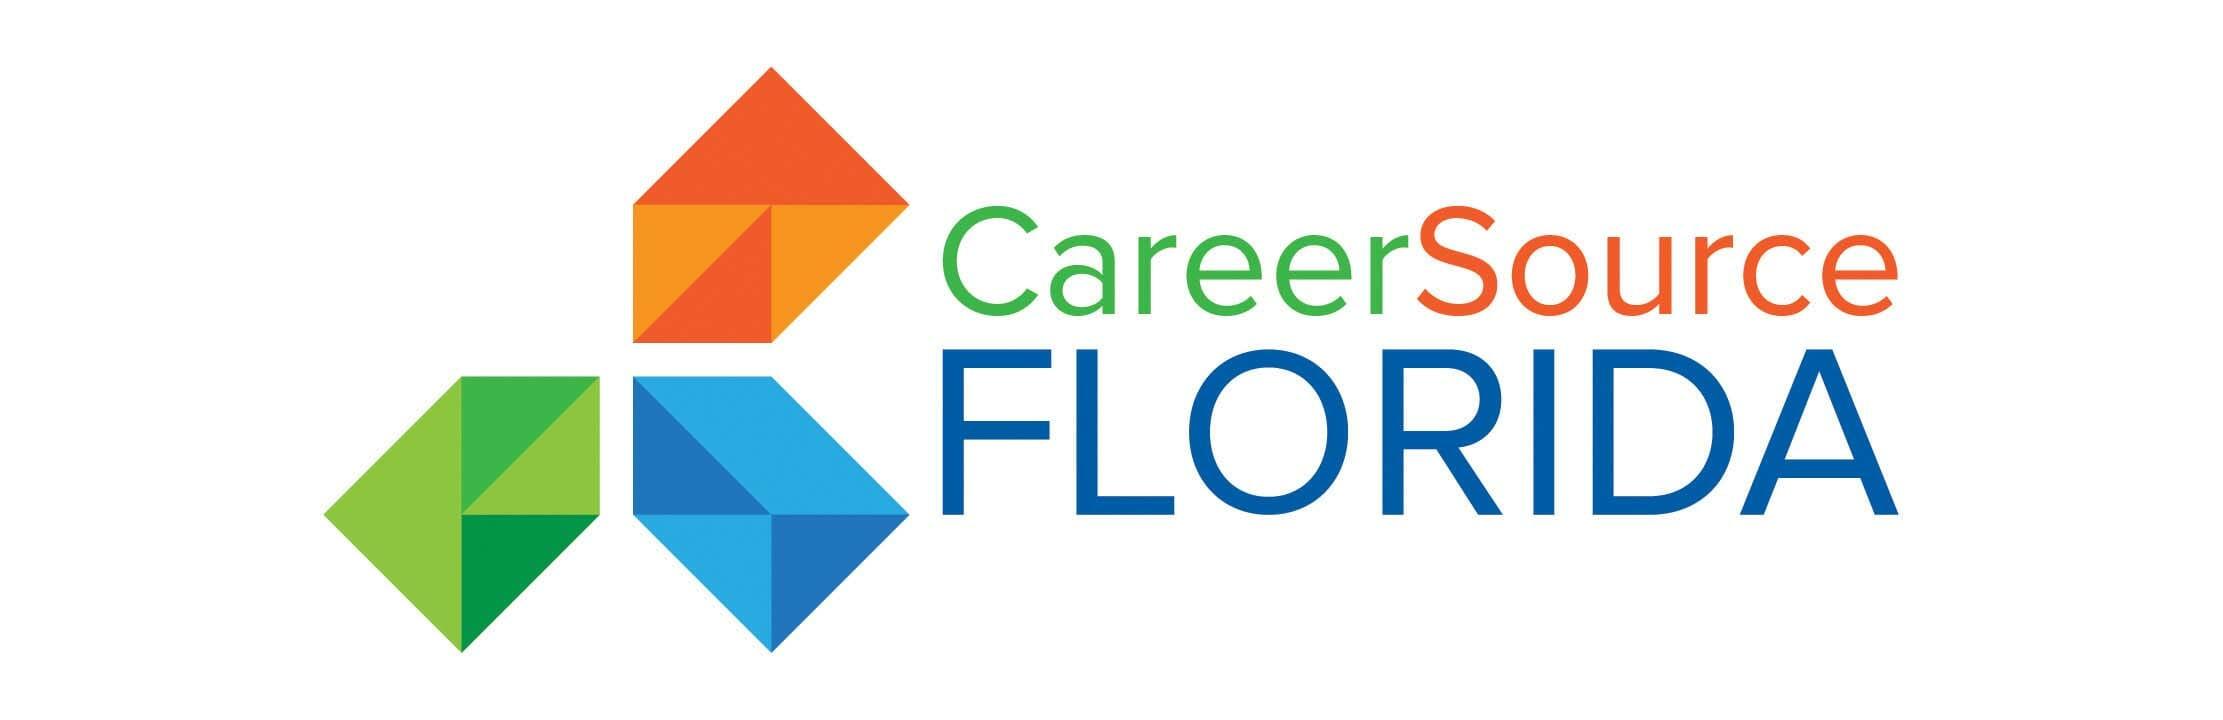 careersource-florida